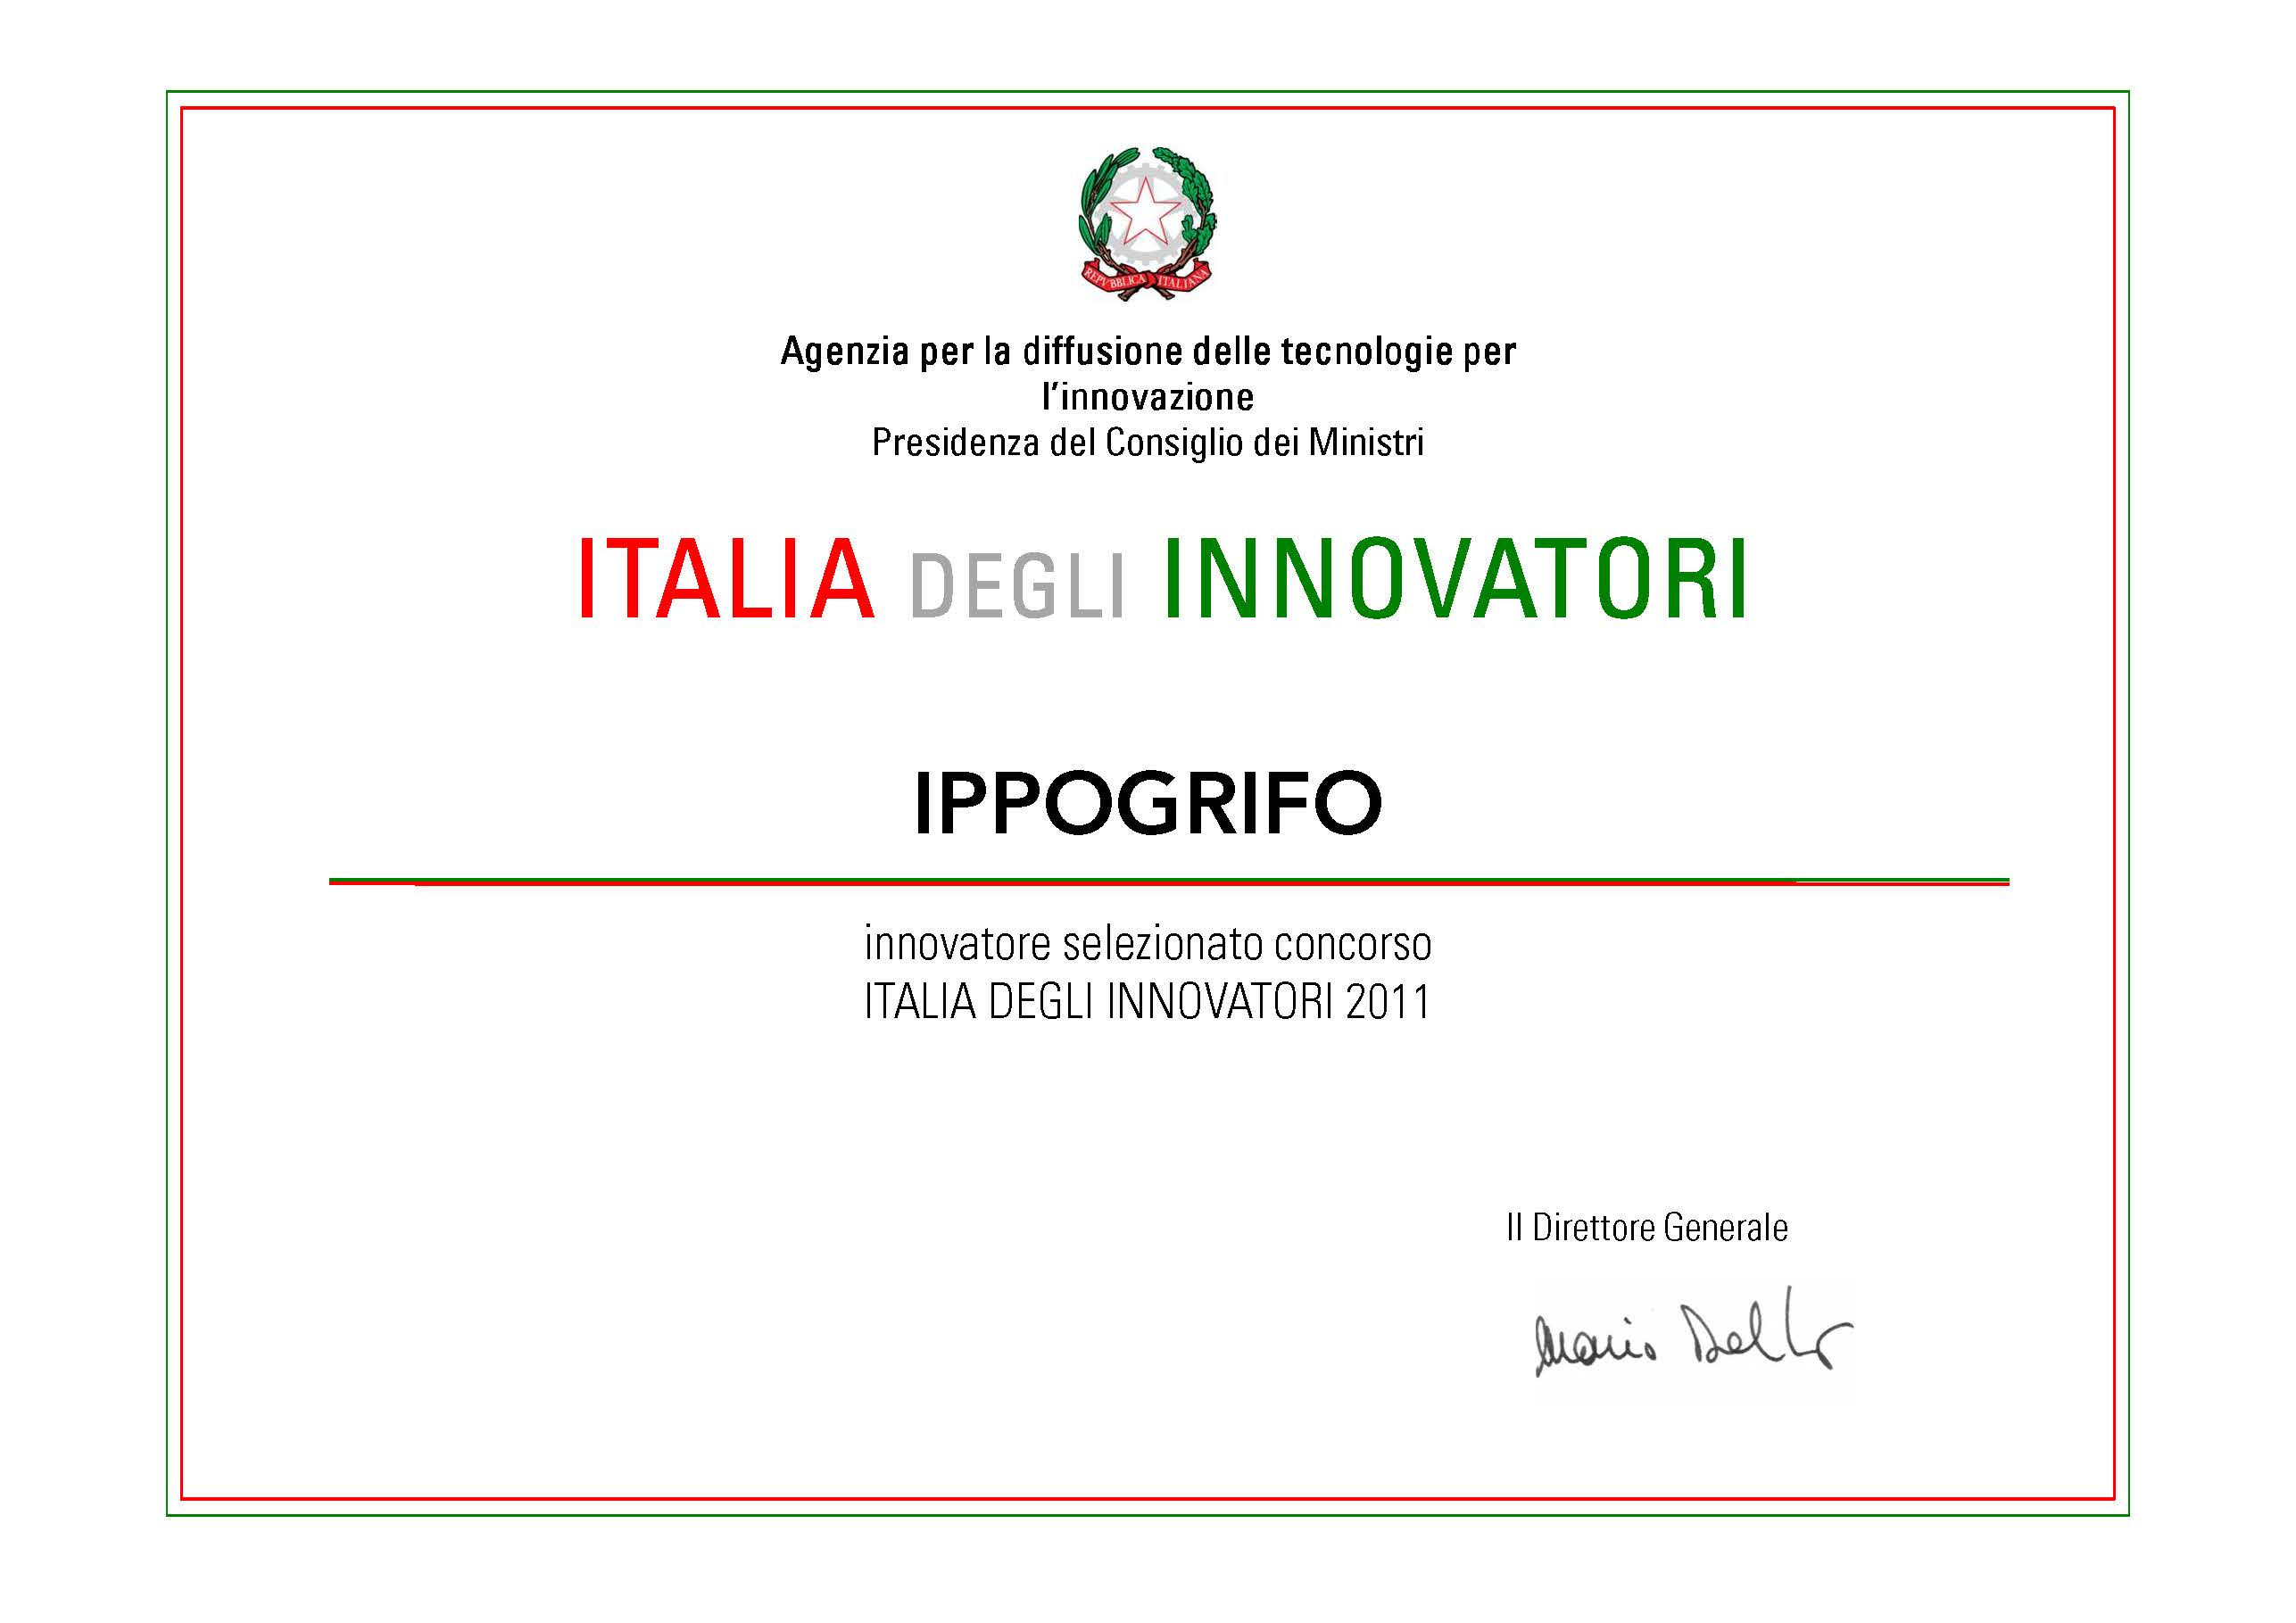 Attestato/Certificate